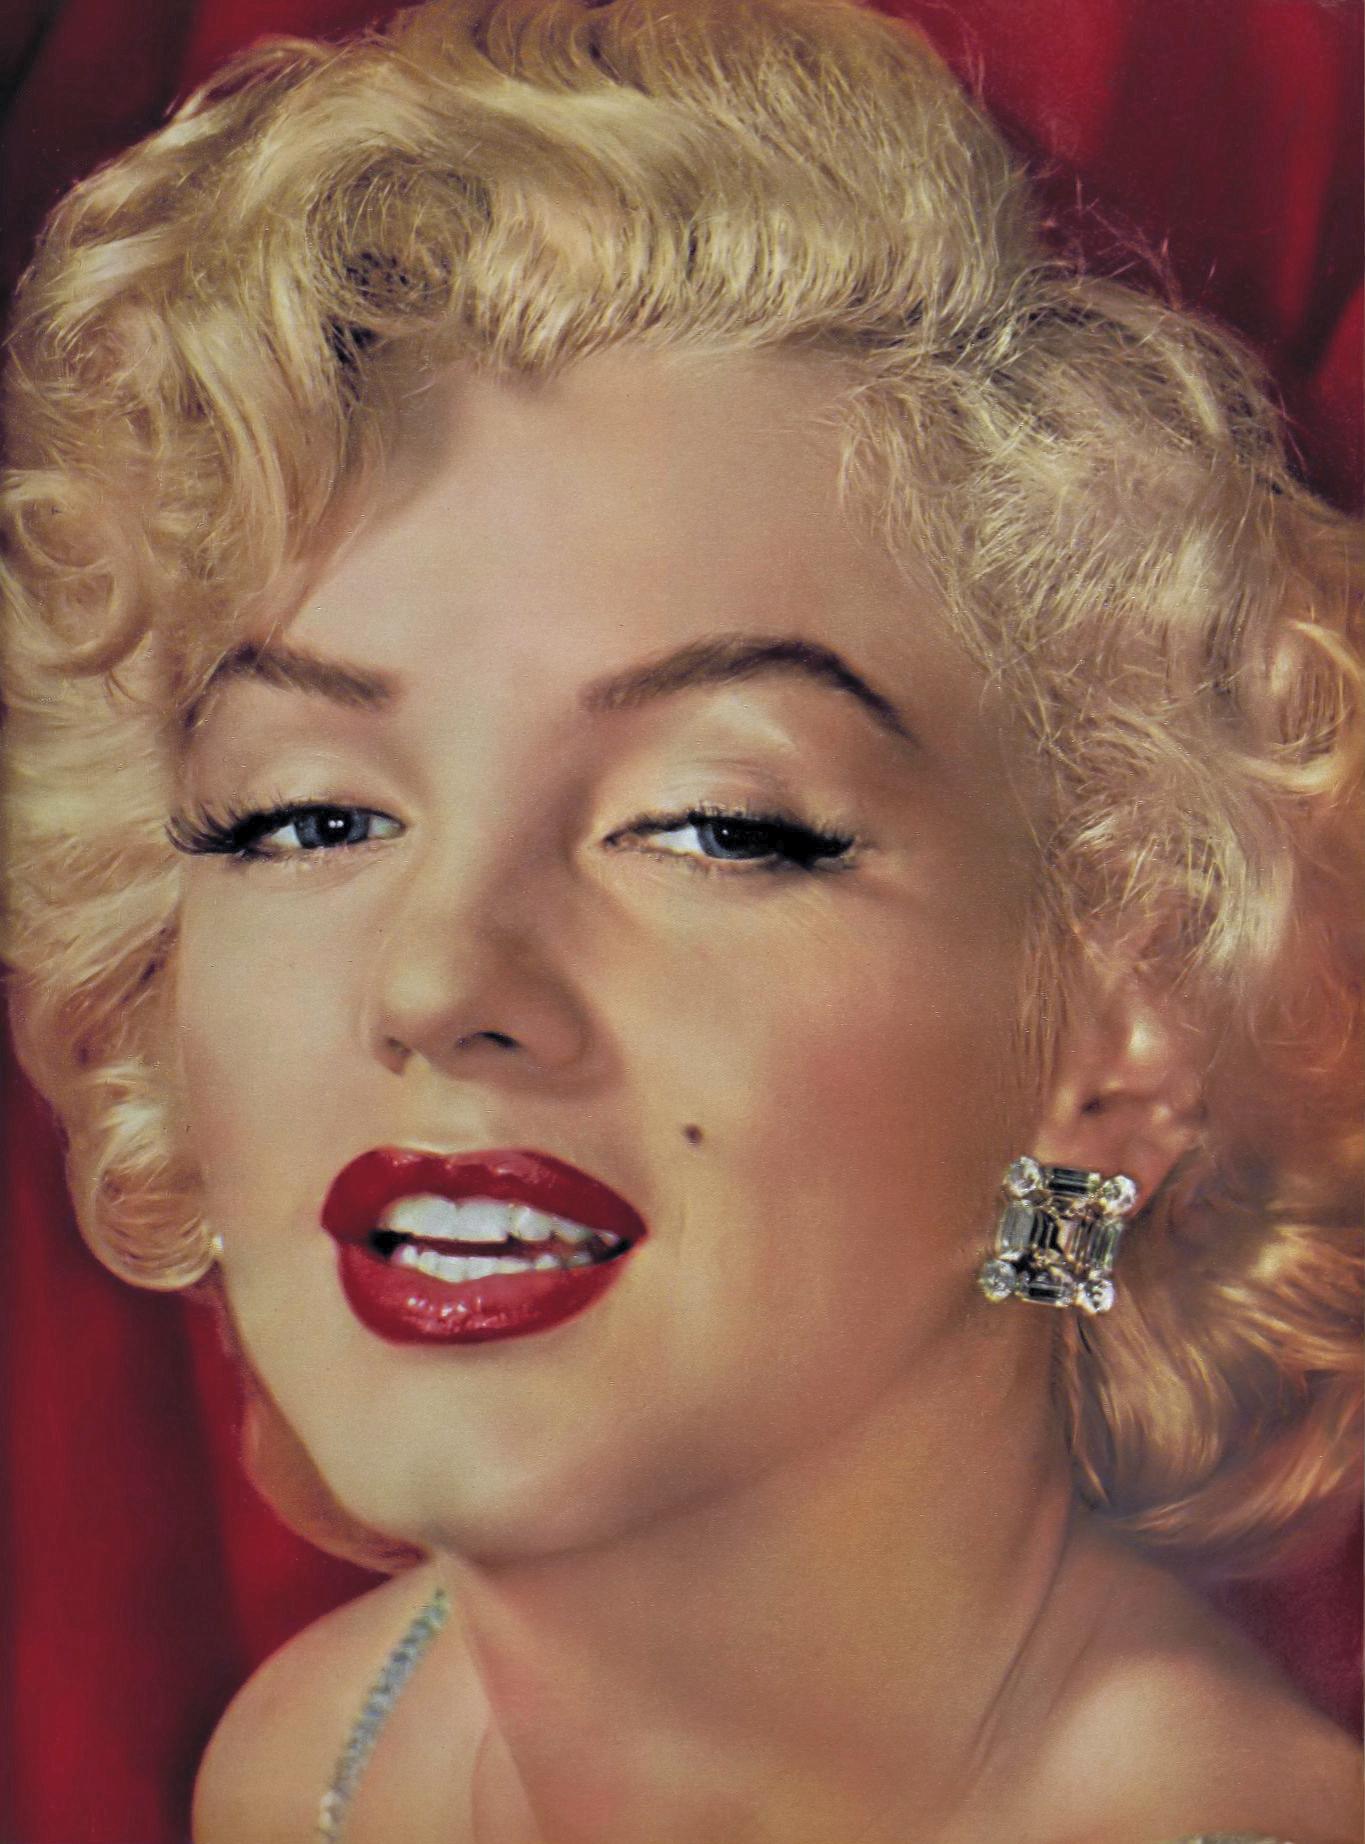 Poet Marilyn Monroe